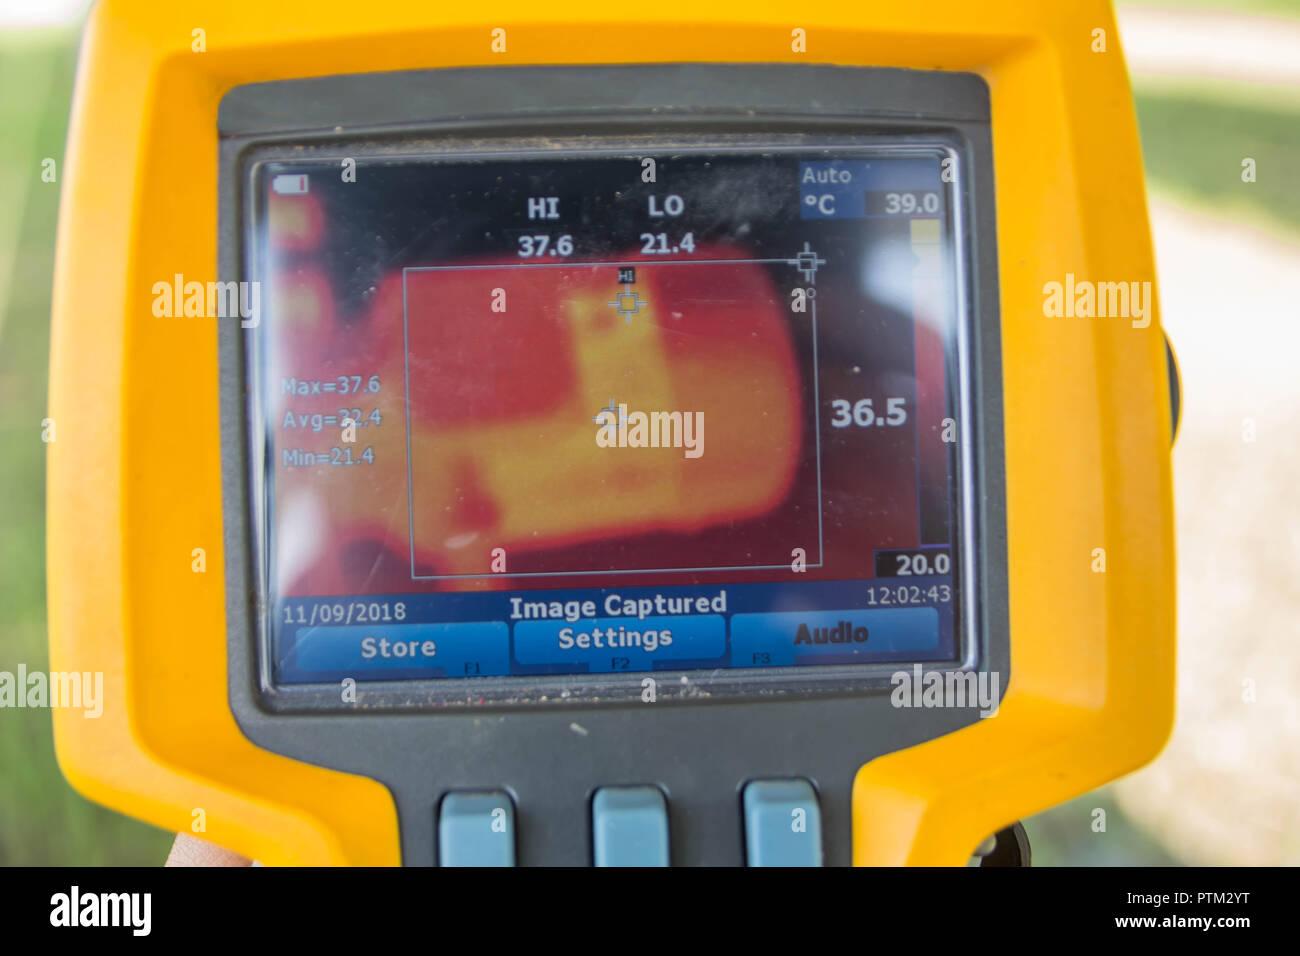 Thermoscan(image thermique caméra), Numérisation vers le moteur pour vérifier la température. Photo Stock